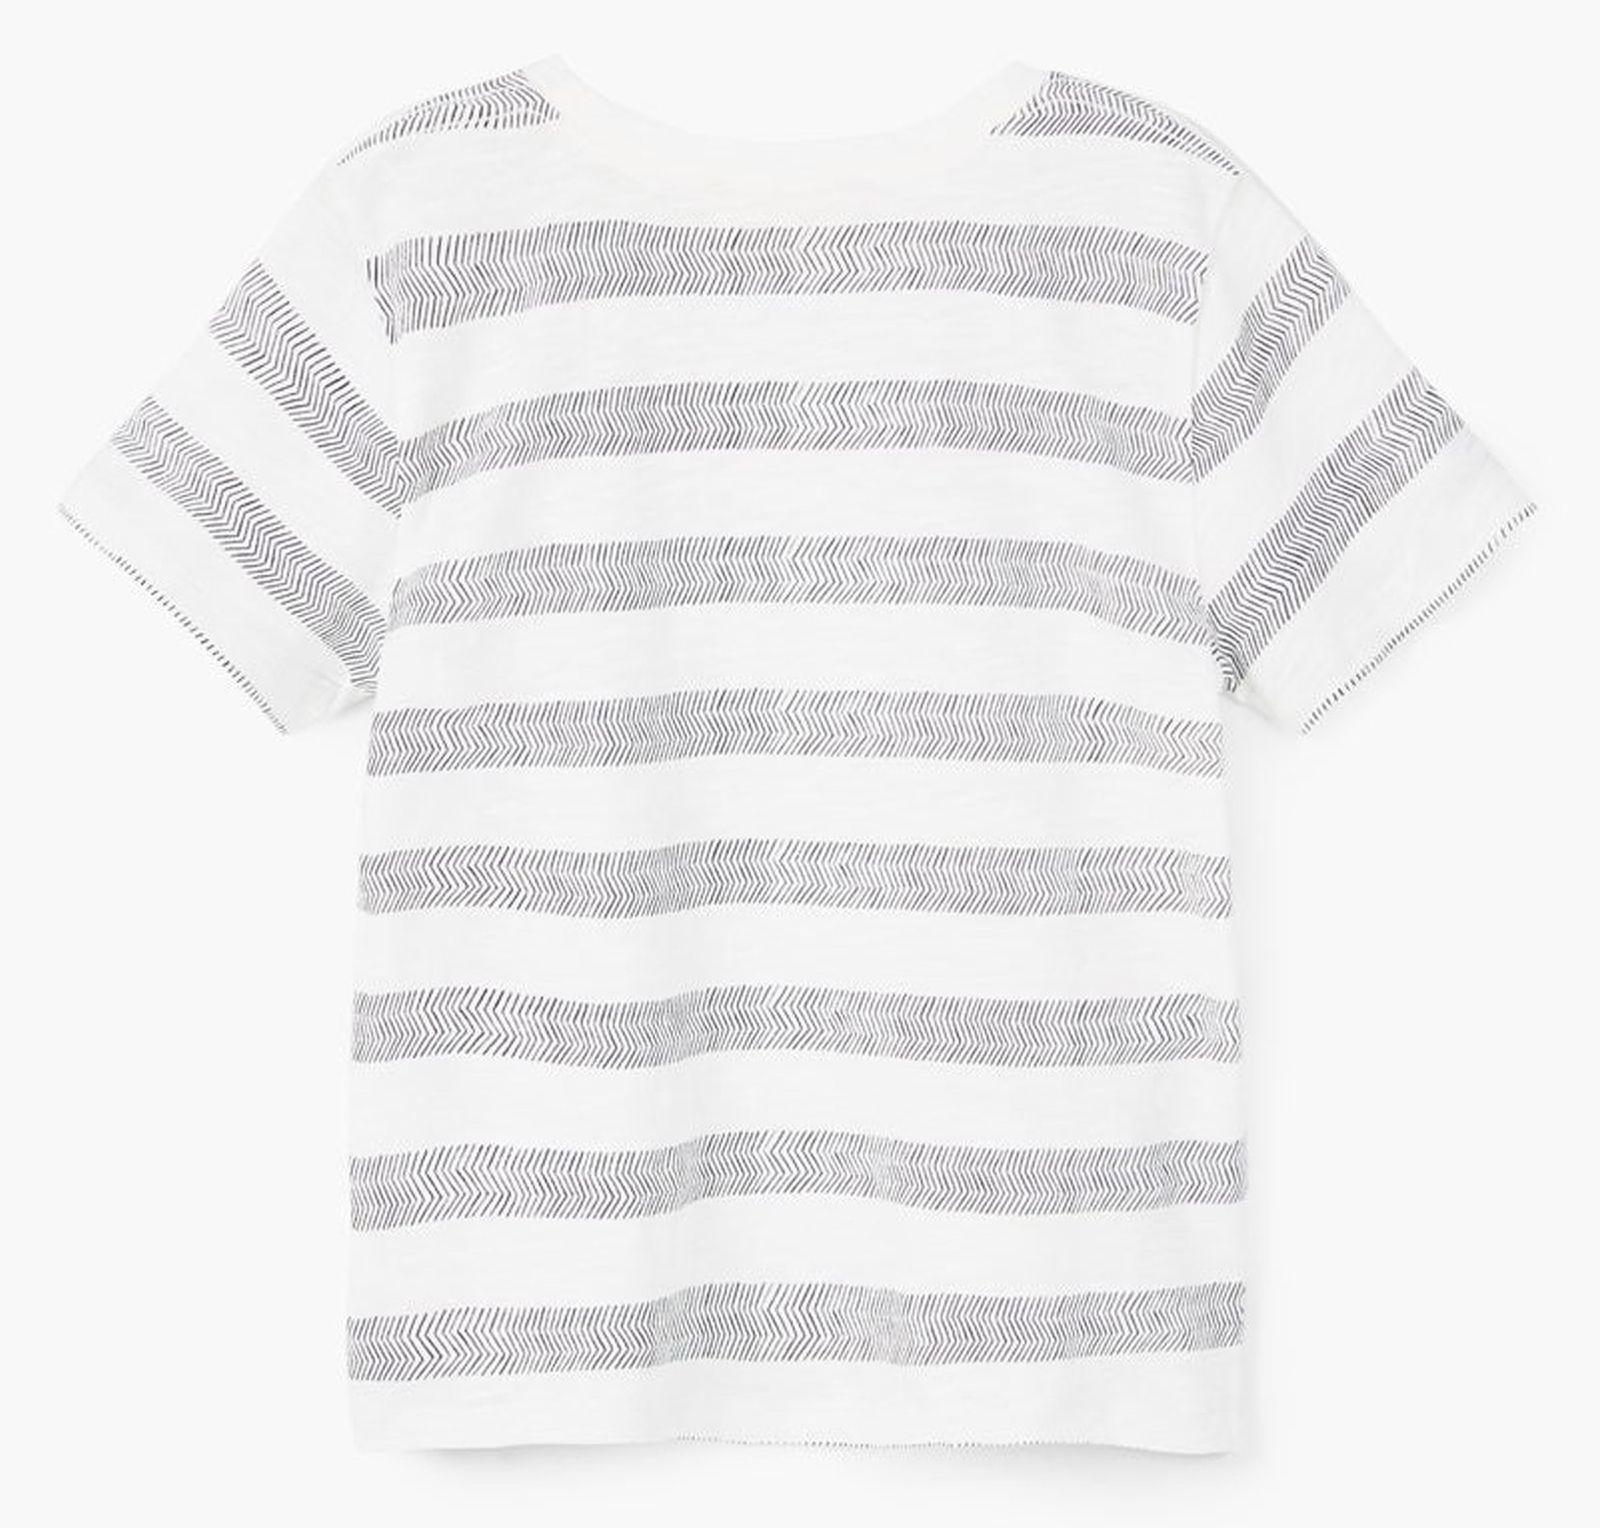 تی شرت نخی آستین کوتاه پسرانه - مانگو - سفيد و طوسي - 2